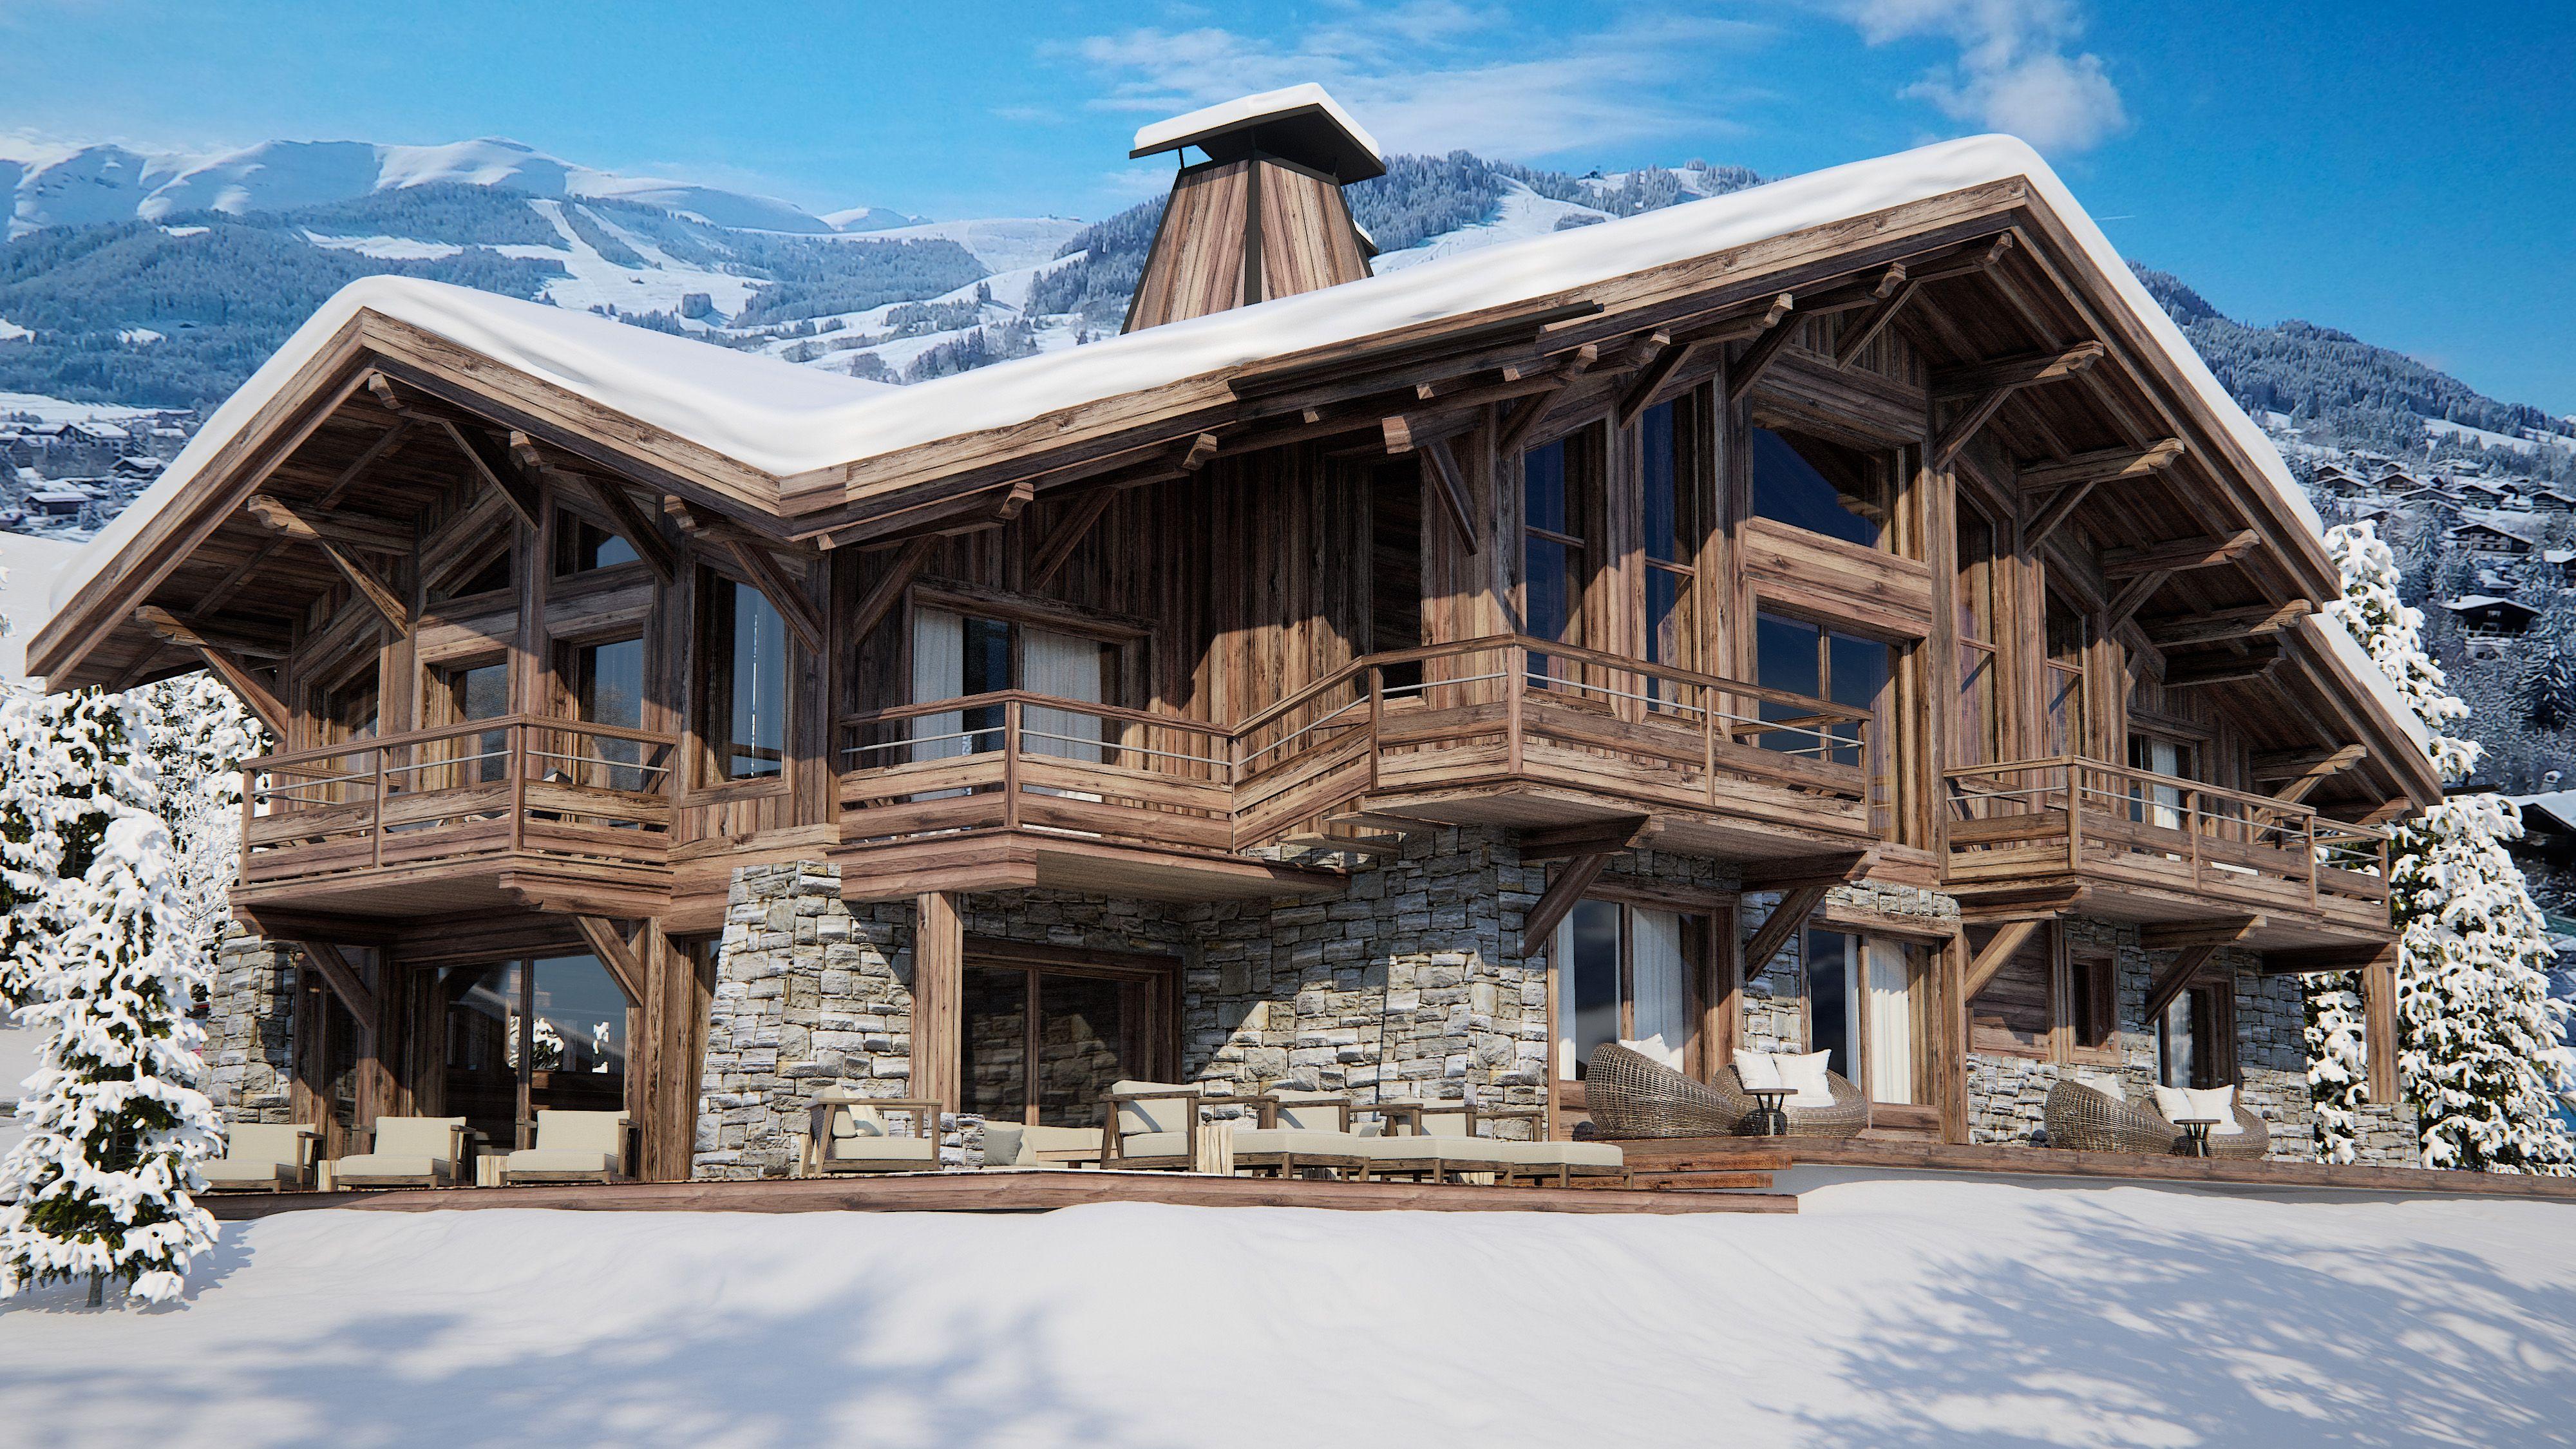 Projet immobilier megeve construction de luxe chalet sur for Construction chalet